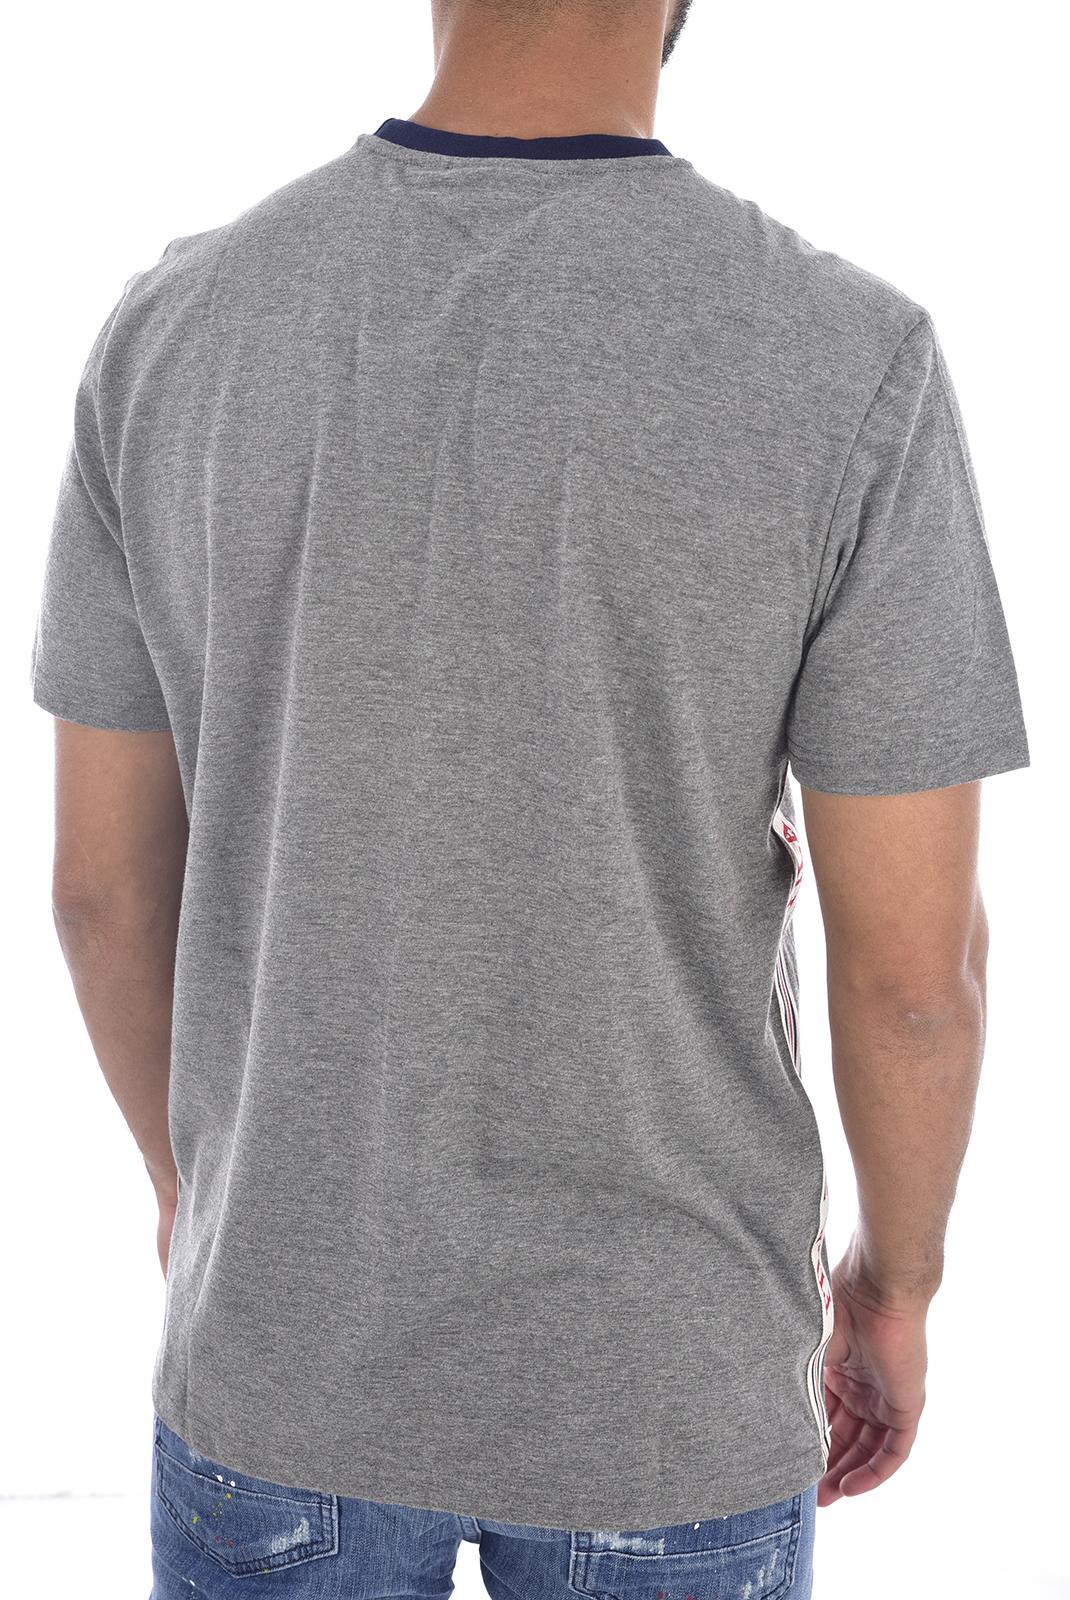 T-S manches courtes  Fila 687005 V10  mid grey melange